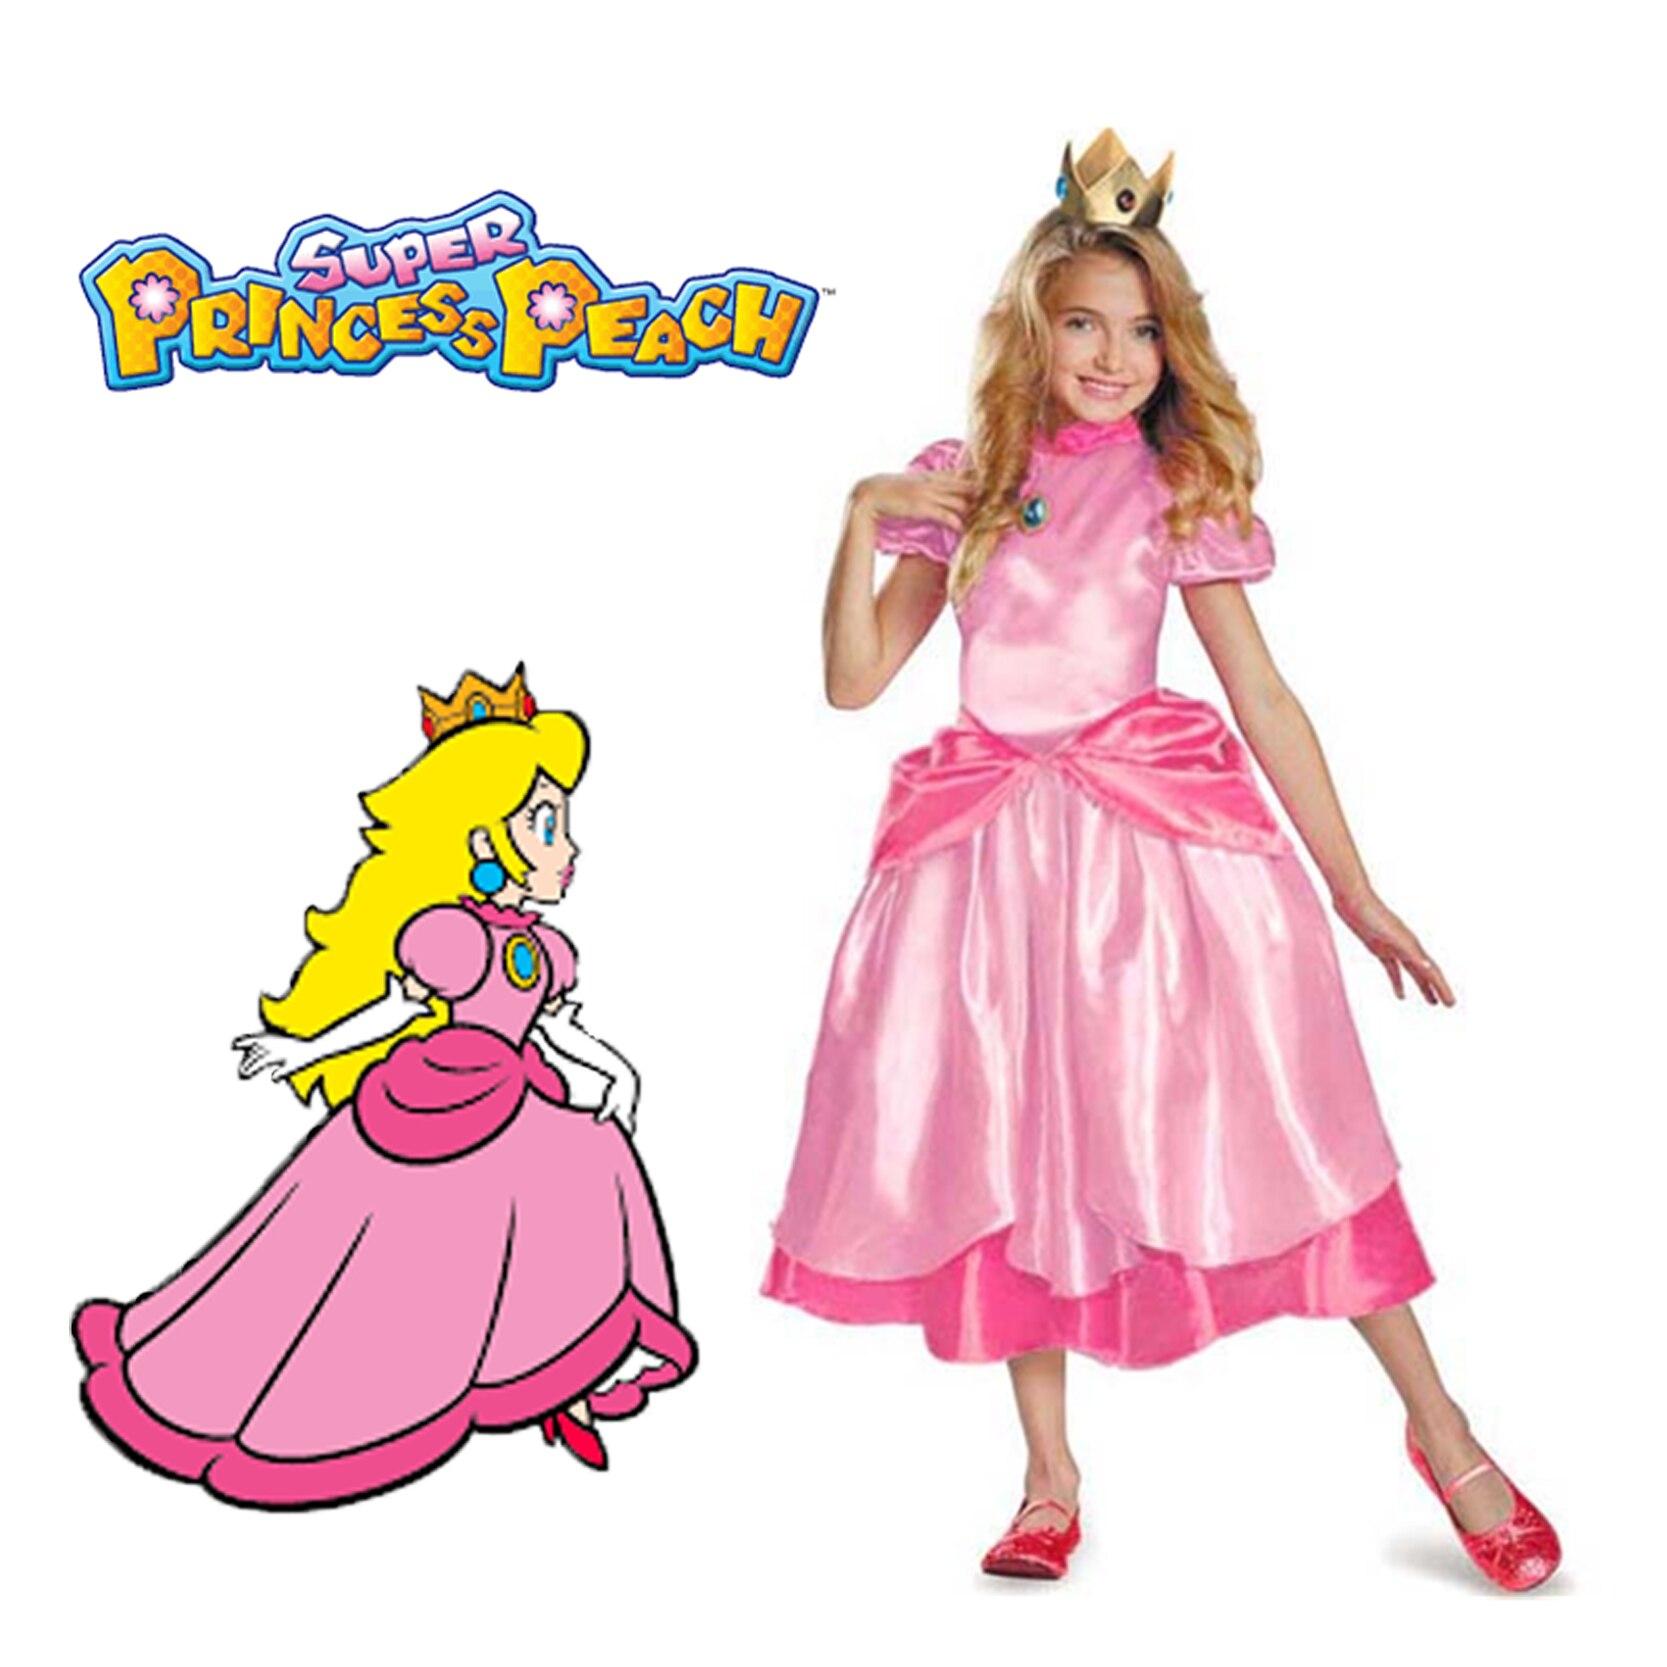 Принцесса Персик/Классический игровой костюм для детей девочек Карнавал Косплей вечернее платье